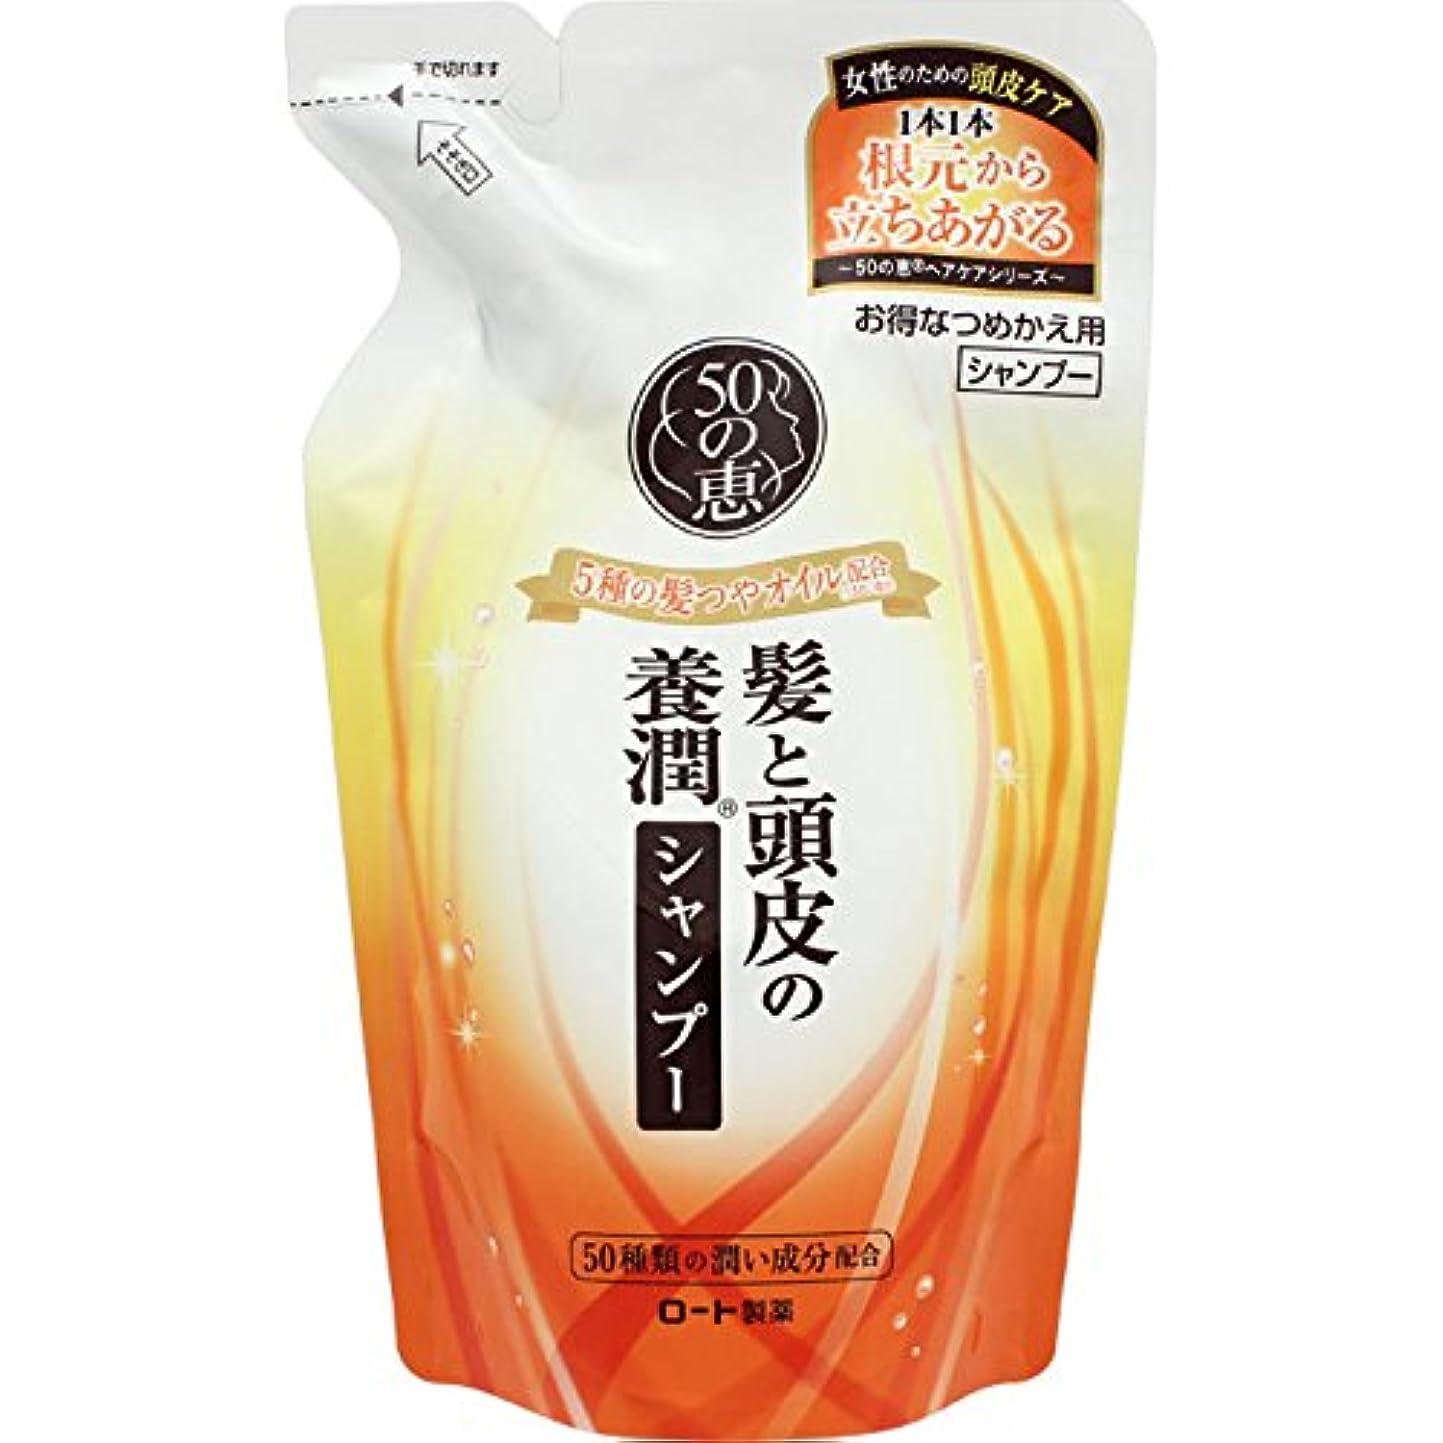 独立して好戦的な霜ロート製薬 50の恵エイジングケア 髪と頭皮の養潤シャンプー 詰替用 330mL